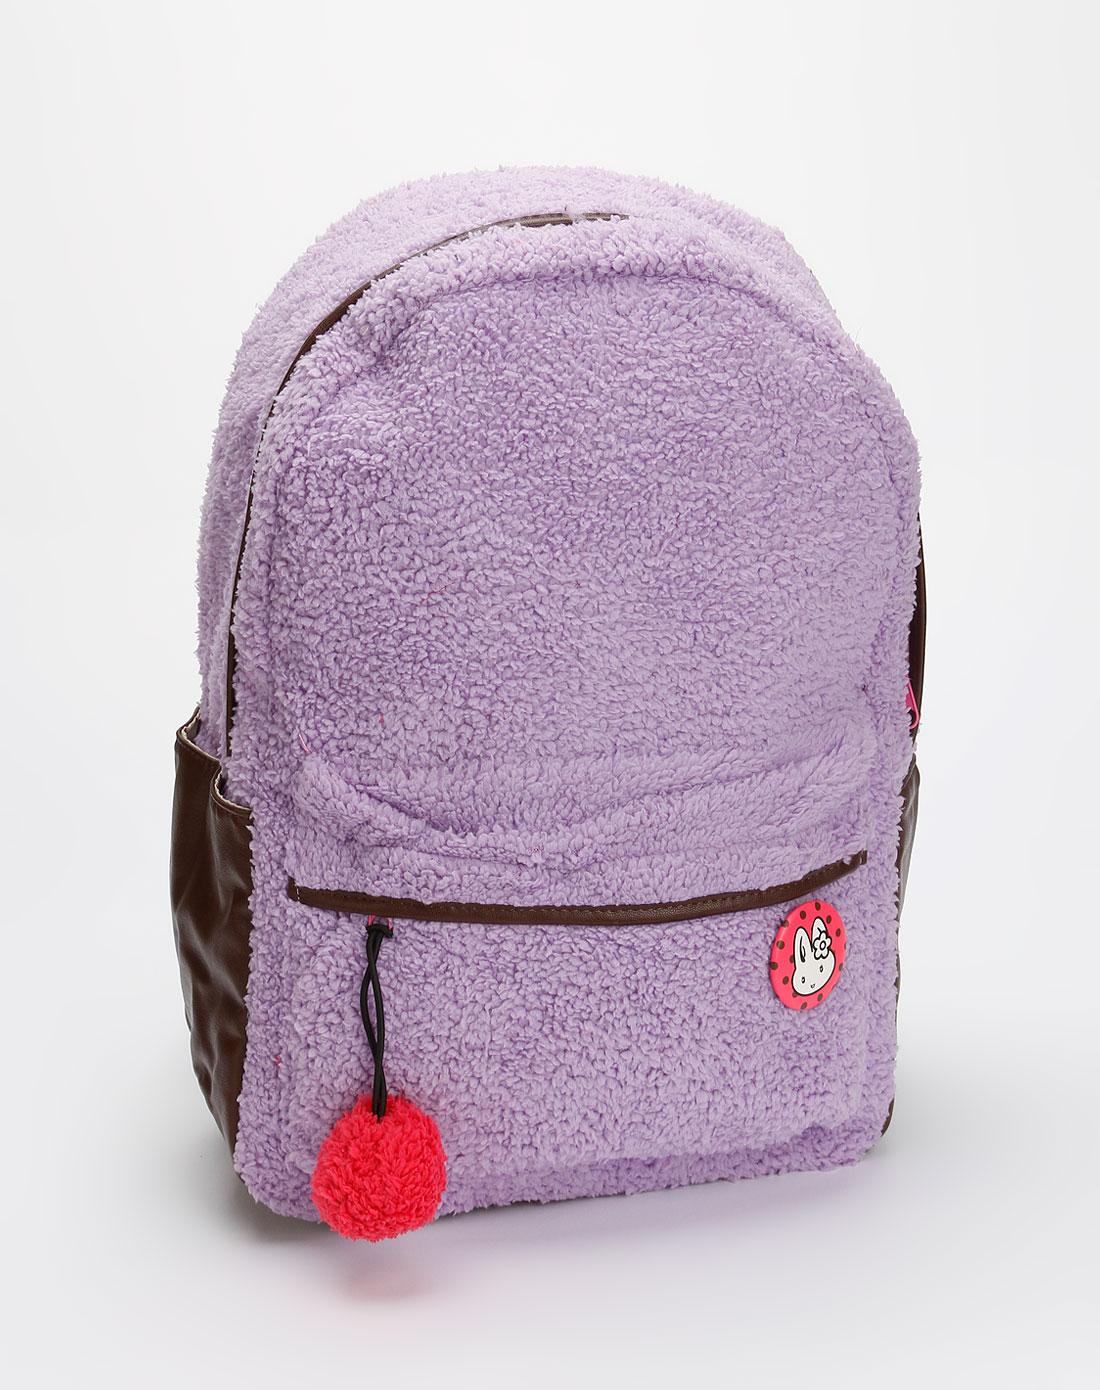 贝妮兔banirabbit女款紫色暖暖冬日双肩背包09220264